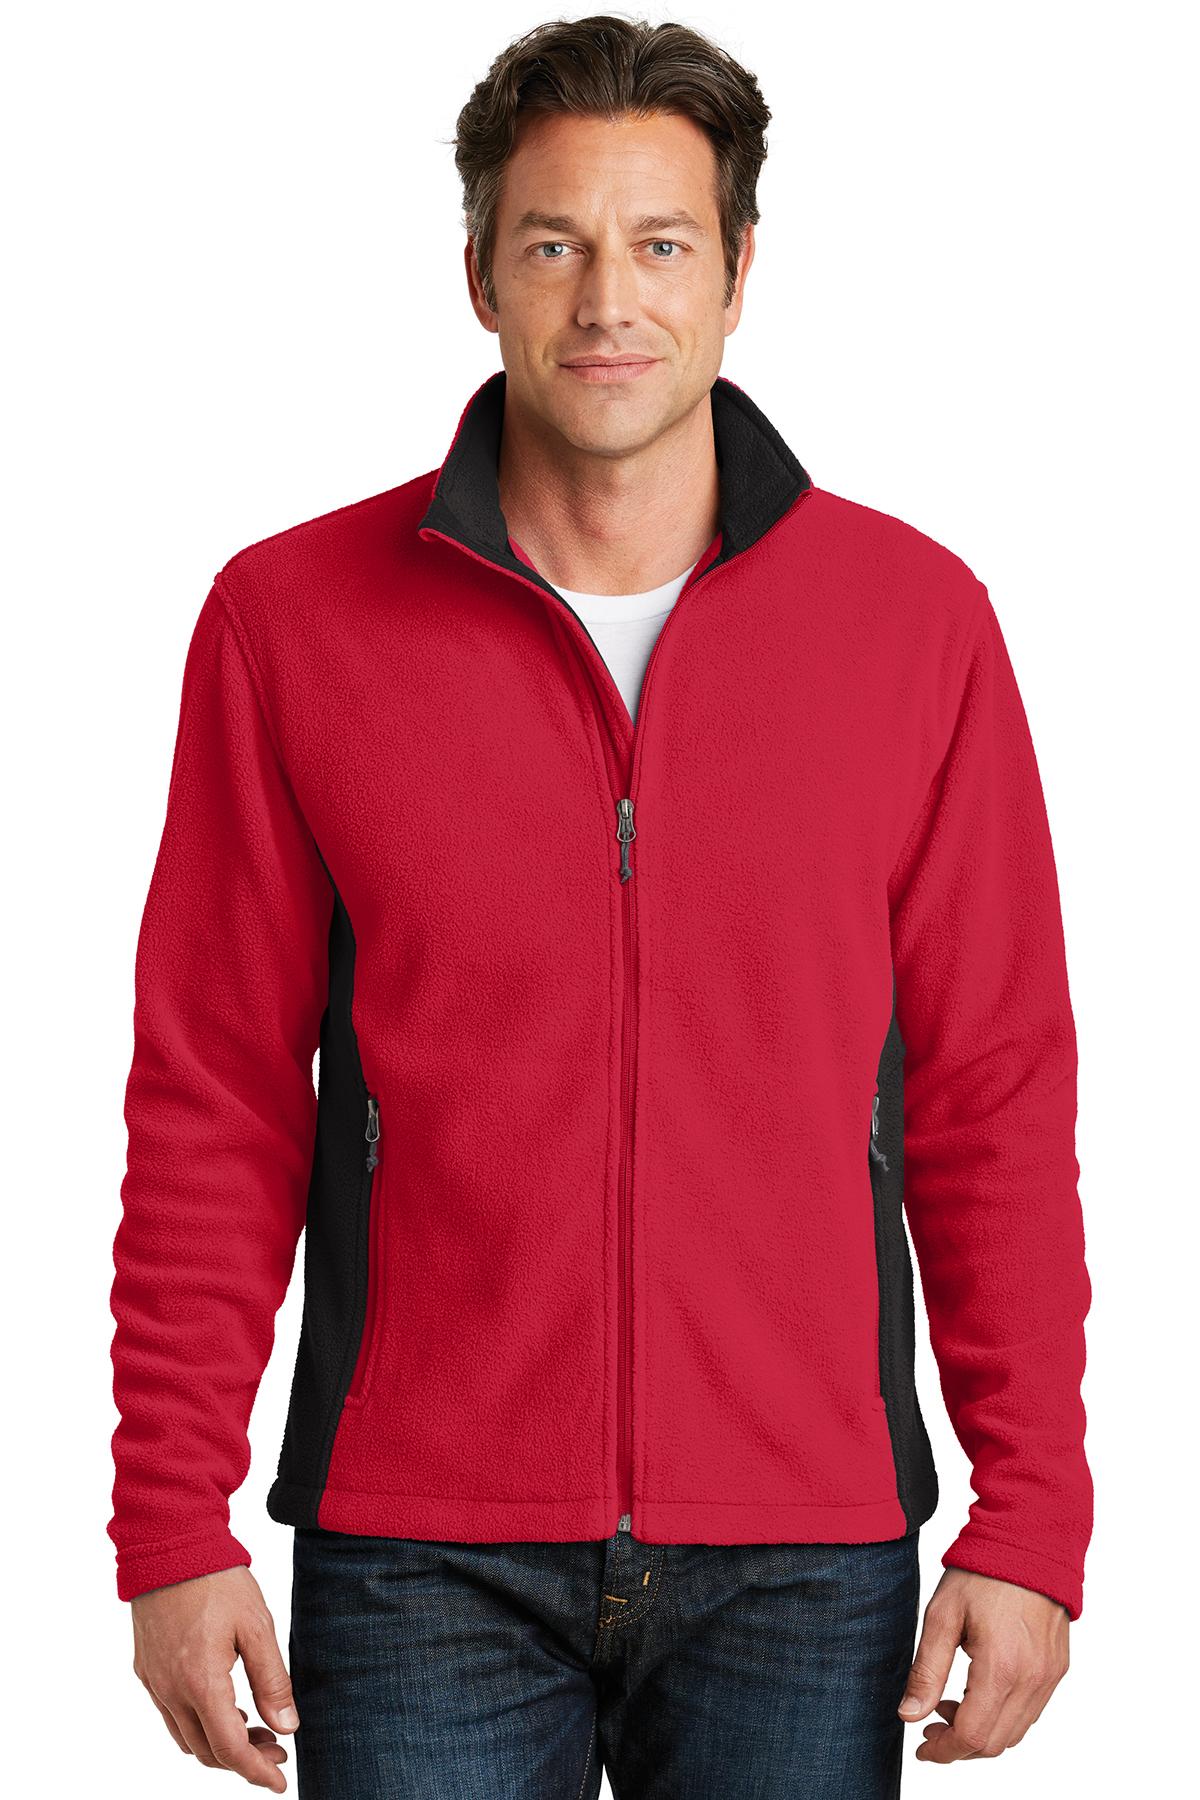 dc4c2a4464e8 Port Authority® Colorblock Value Fleece Jacket